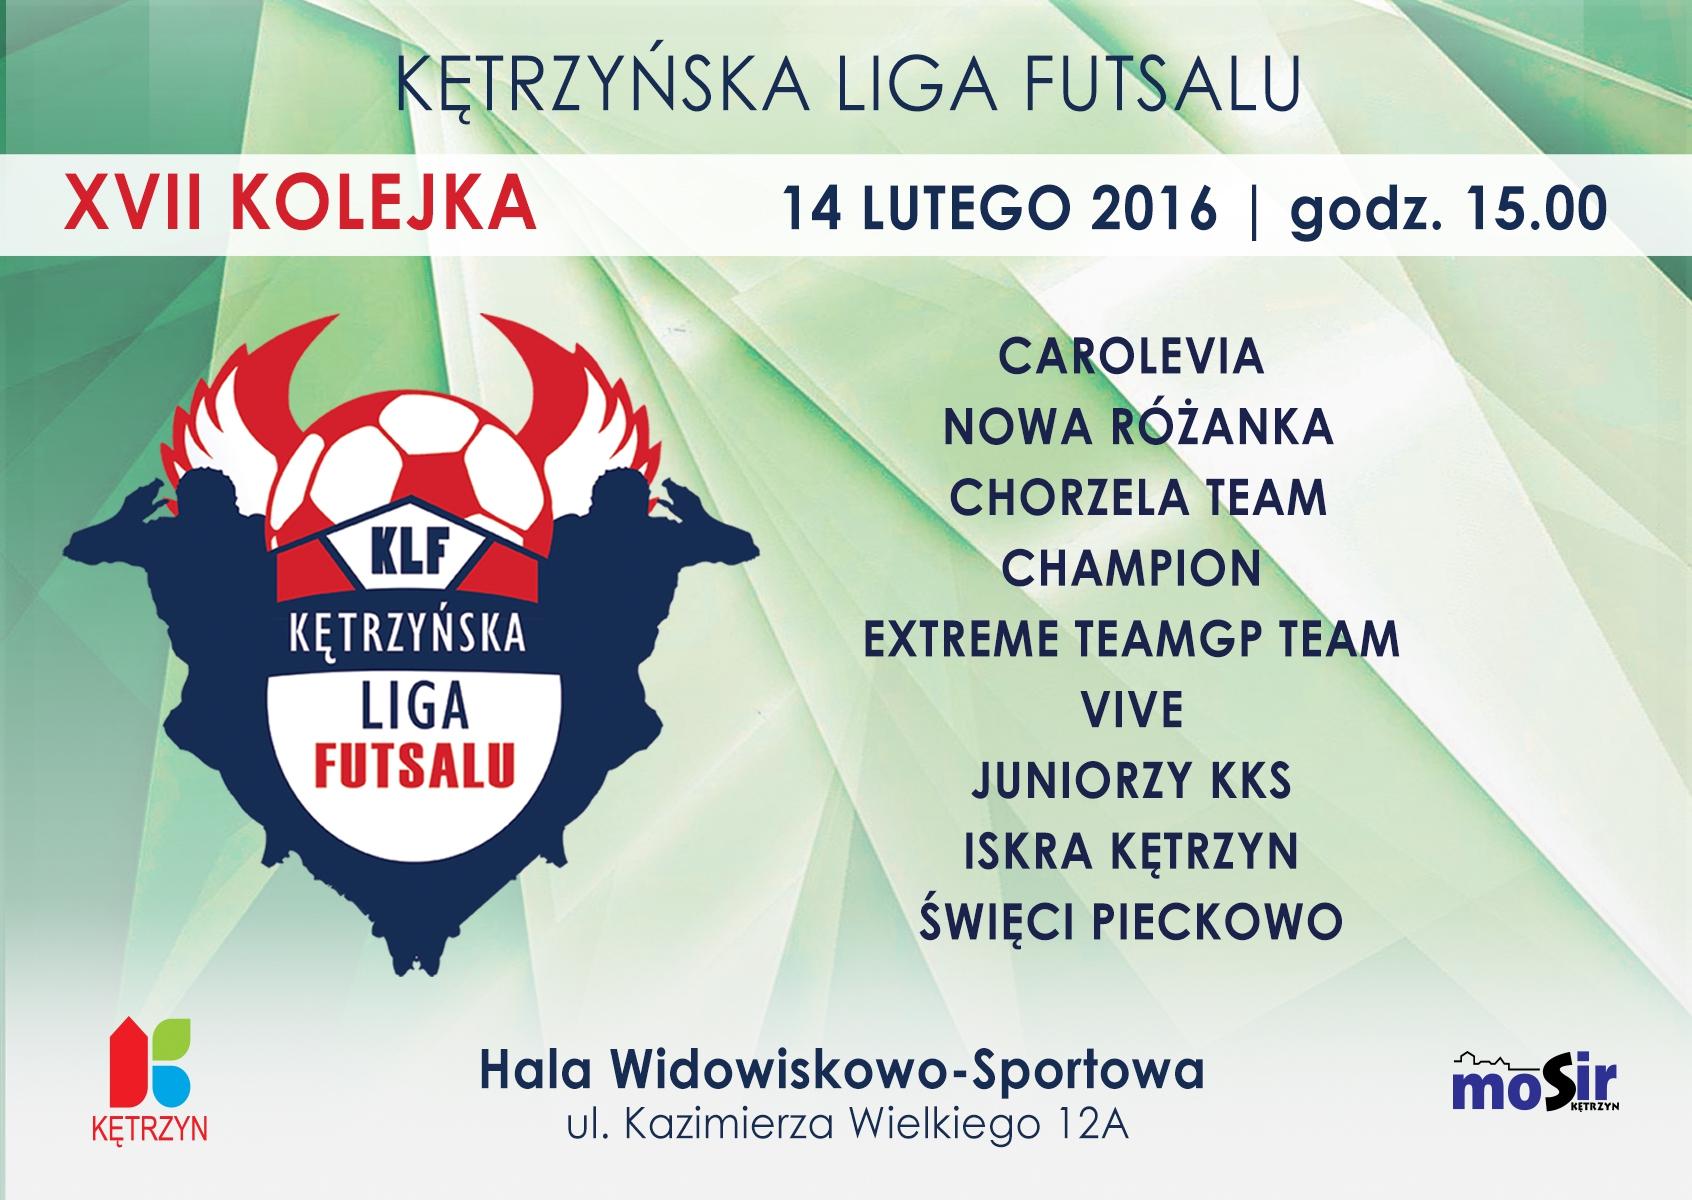 17 kolejka Kętrzyńskiej Ligi Futsalu